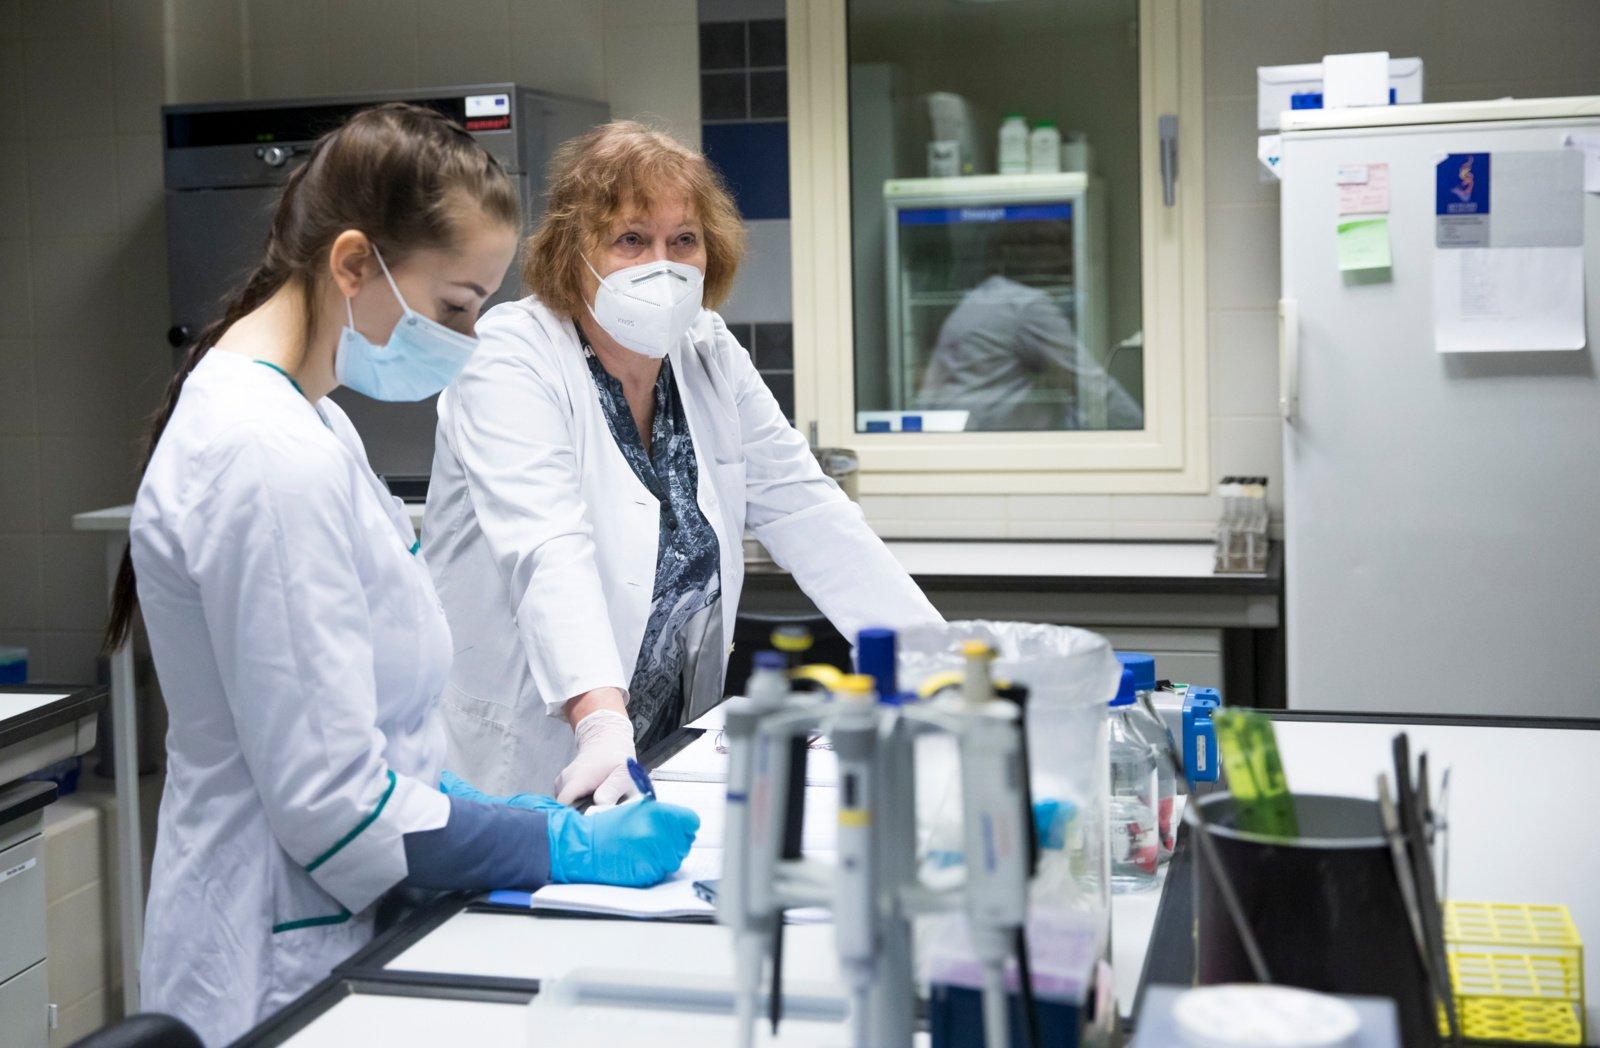 Į profesinių ligų sąrašą svarstoma įtraukti ir COVID-19